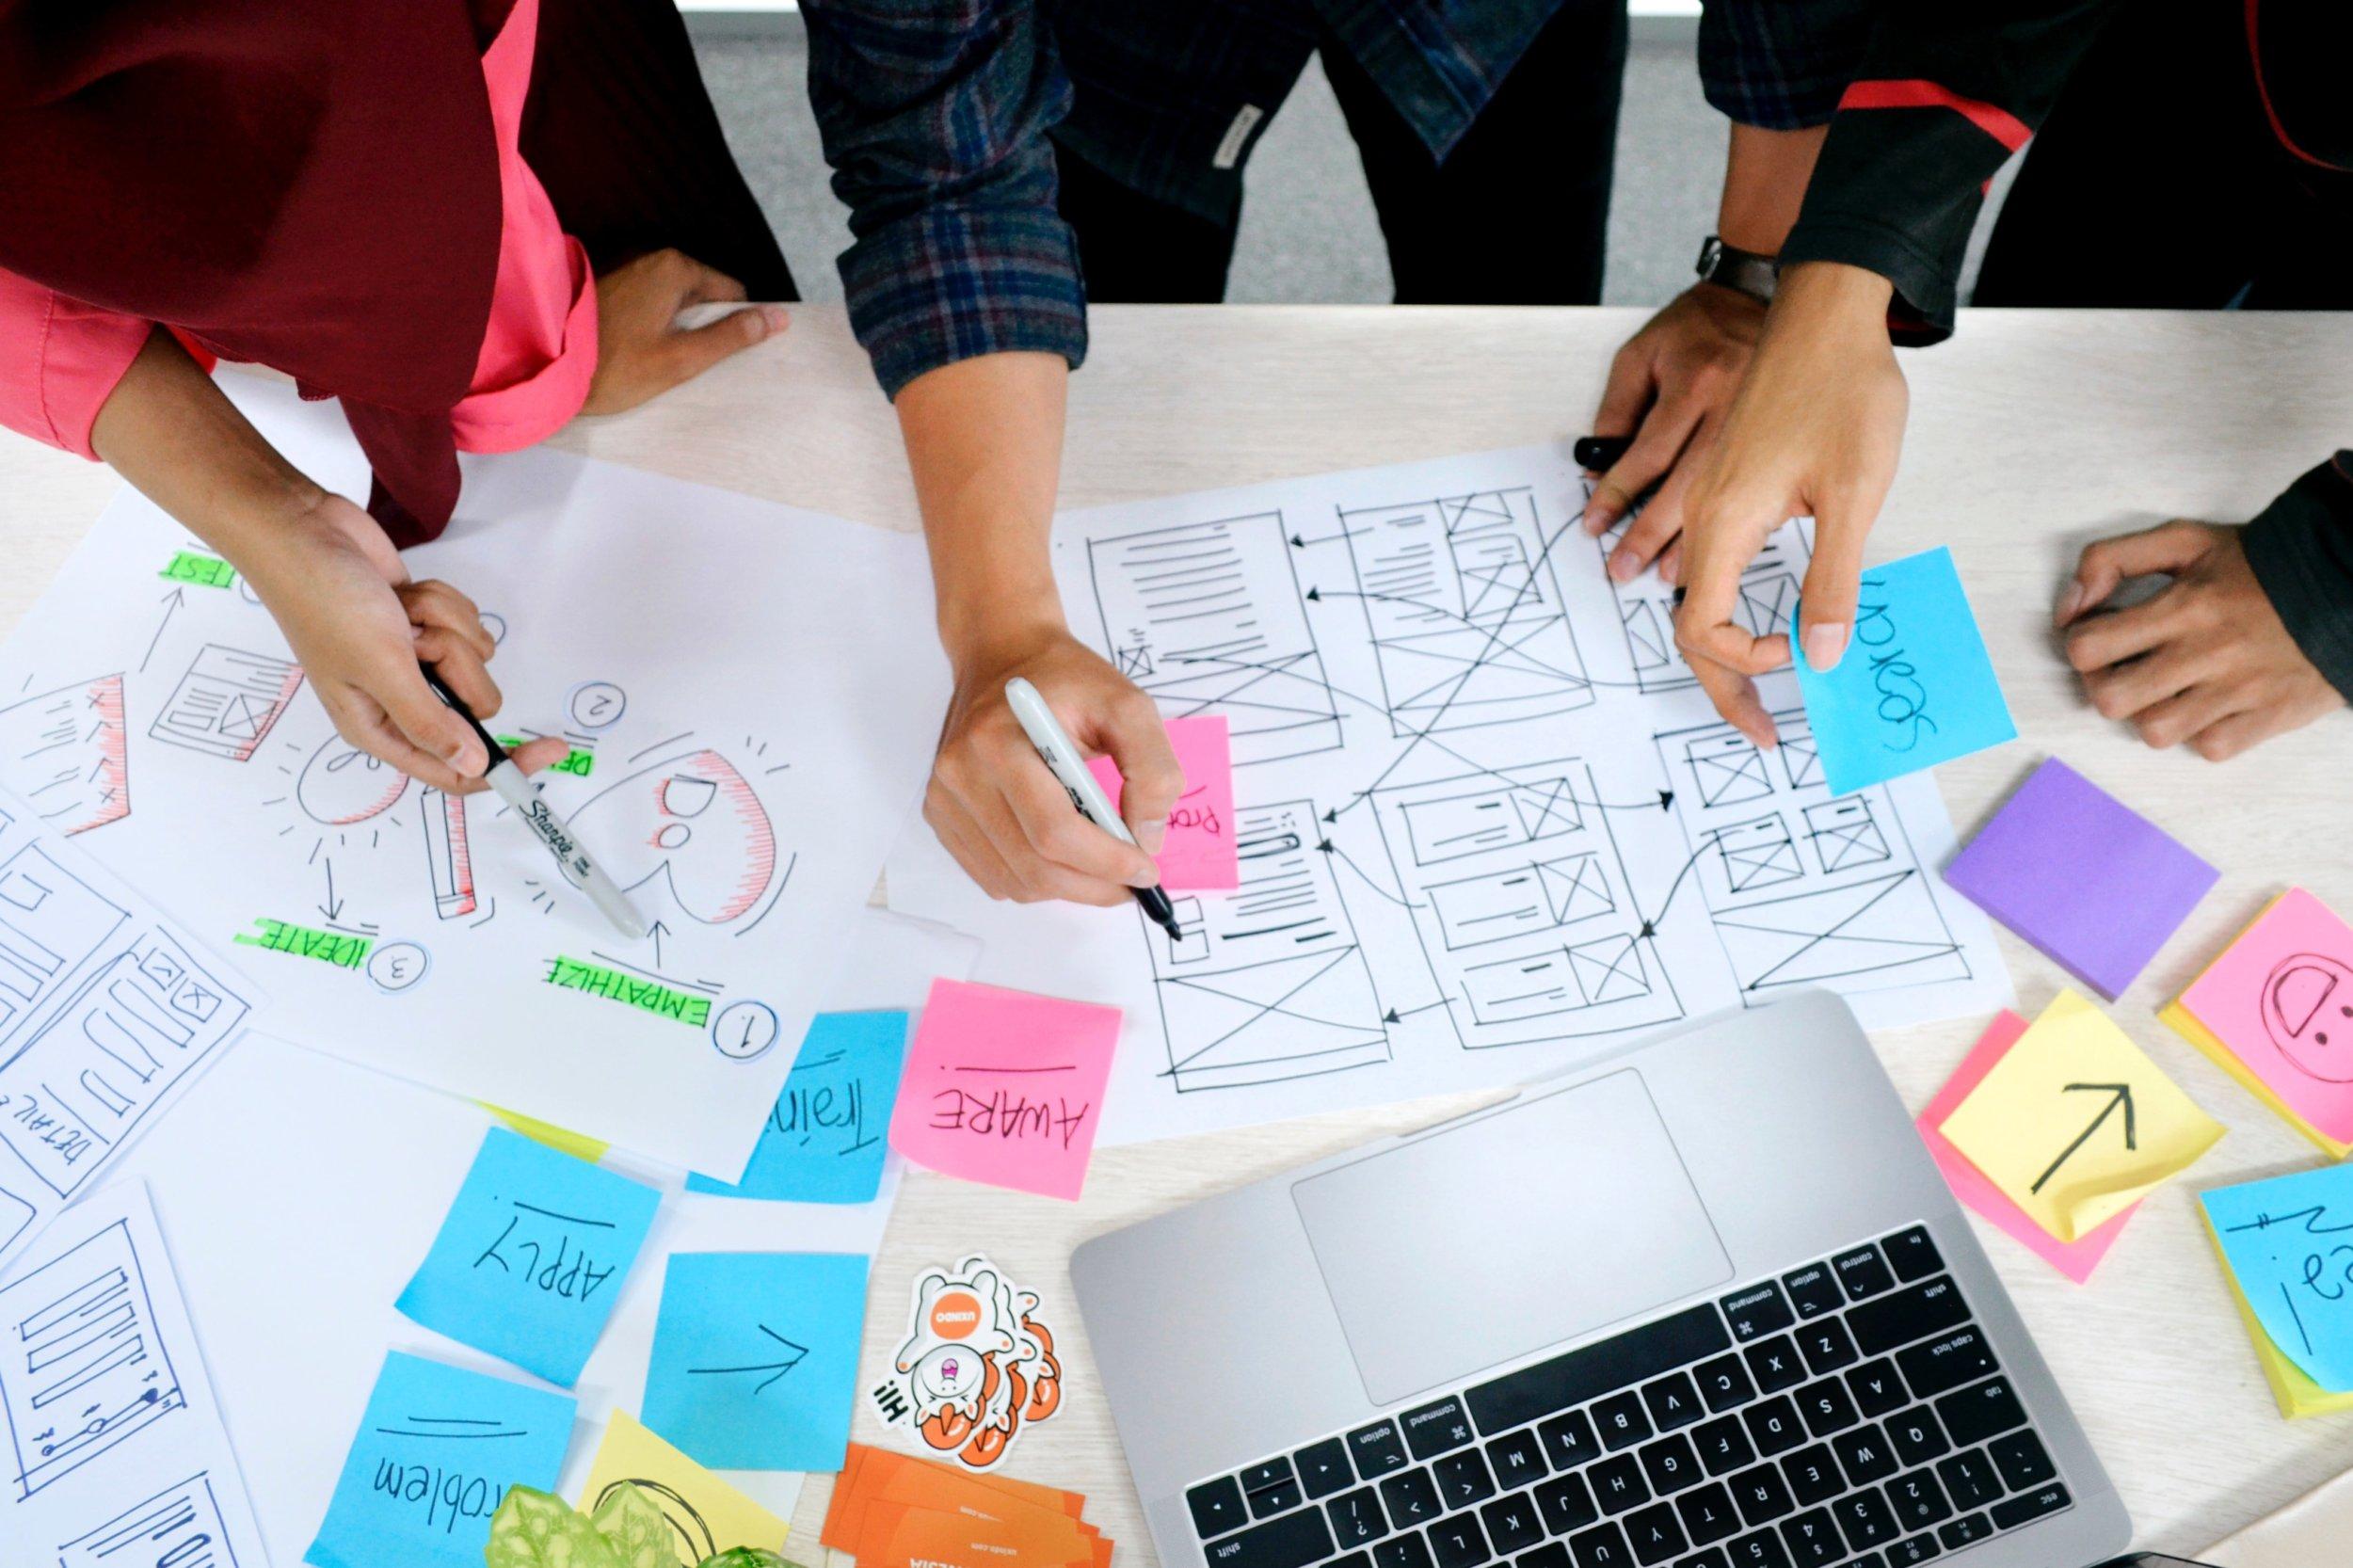 A team creates a user friendly design